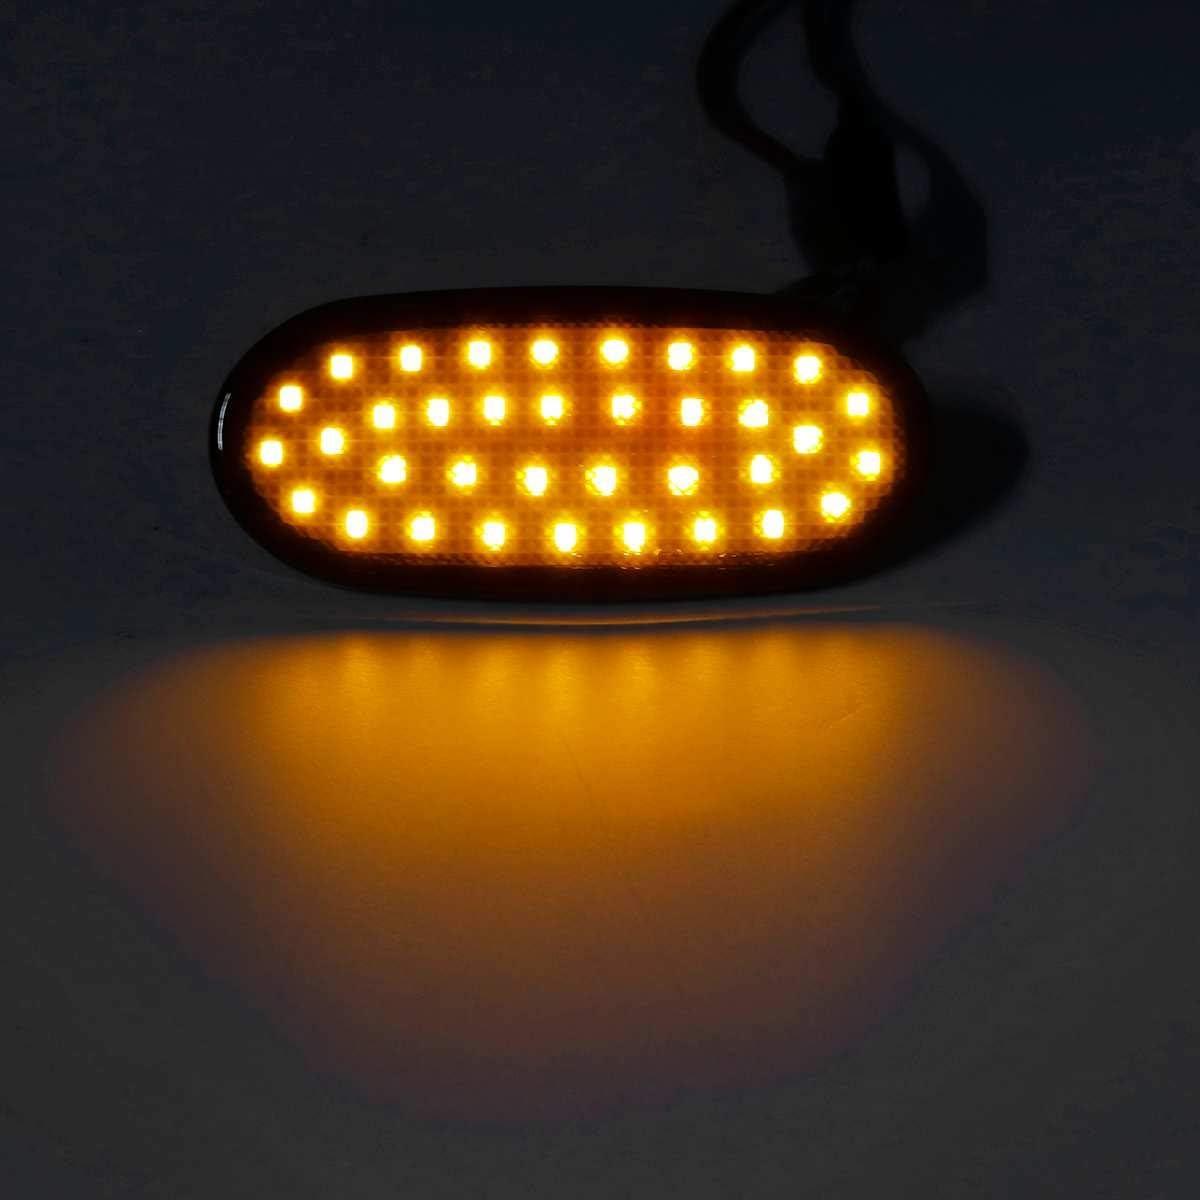 Noir Naliovker 6 Pi/èCes 36 LED R/éP/éTeur Lat/éRal de la Lampe Lat/éRale de Feux de Position 12V Clignotant Lampe de Panneau de Signalisation pour Crafter 2006 Sprinter W906